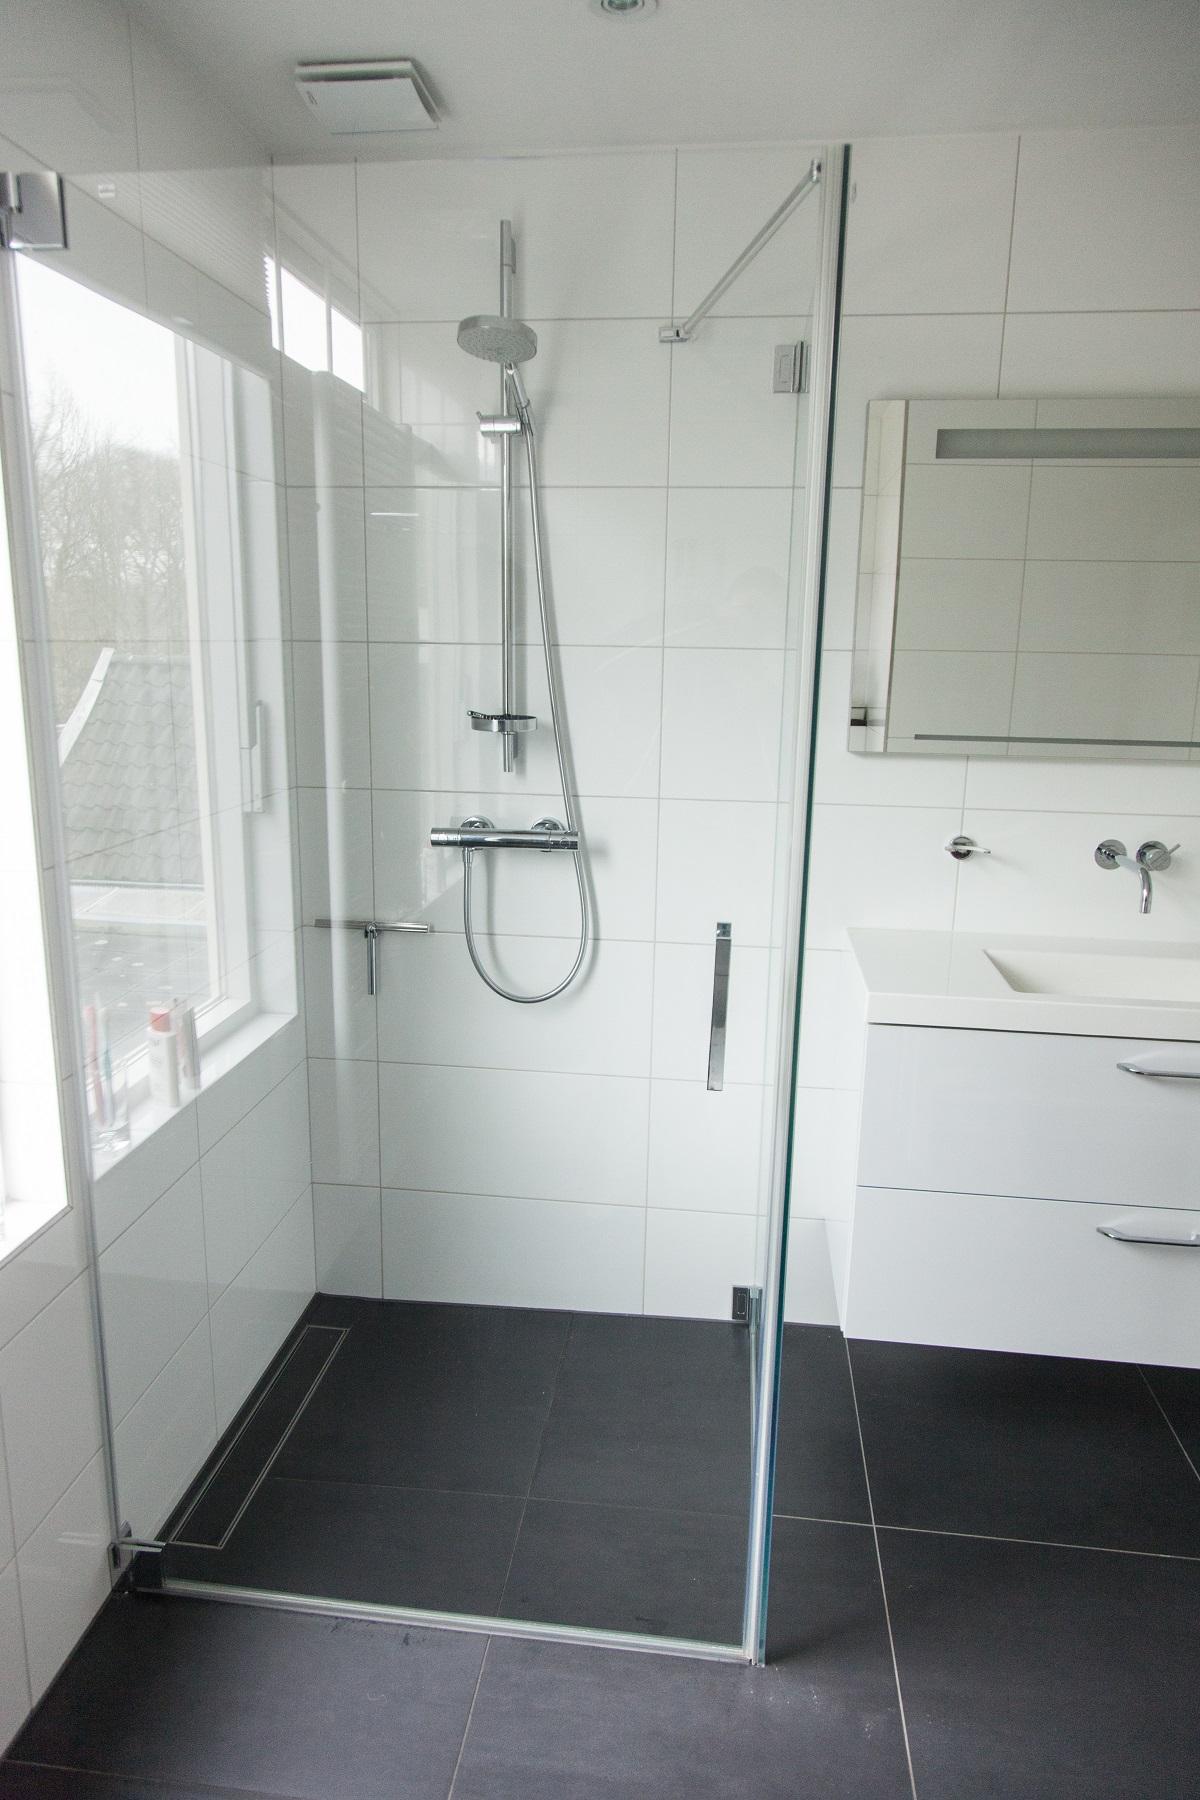 Badkamer voorzien van vloerverwarming en inloopdouche - Renomeer